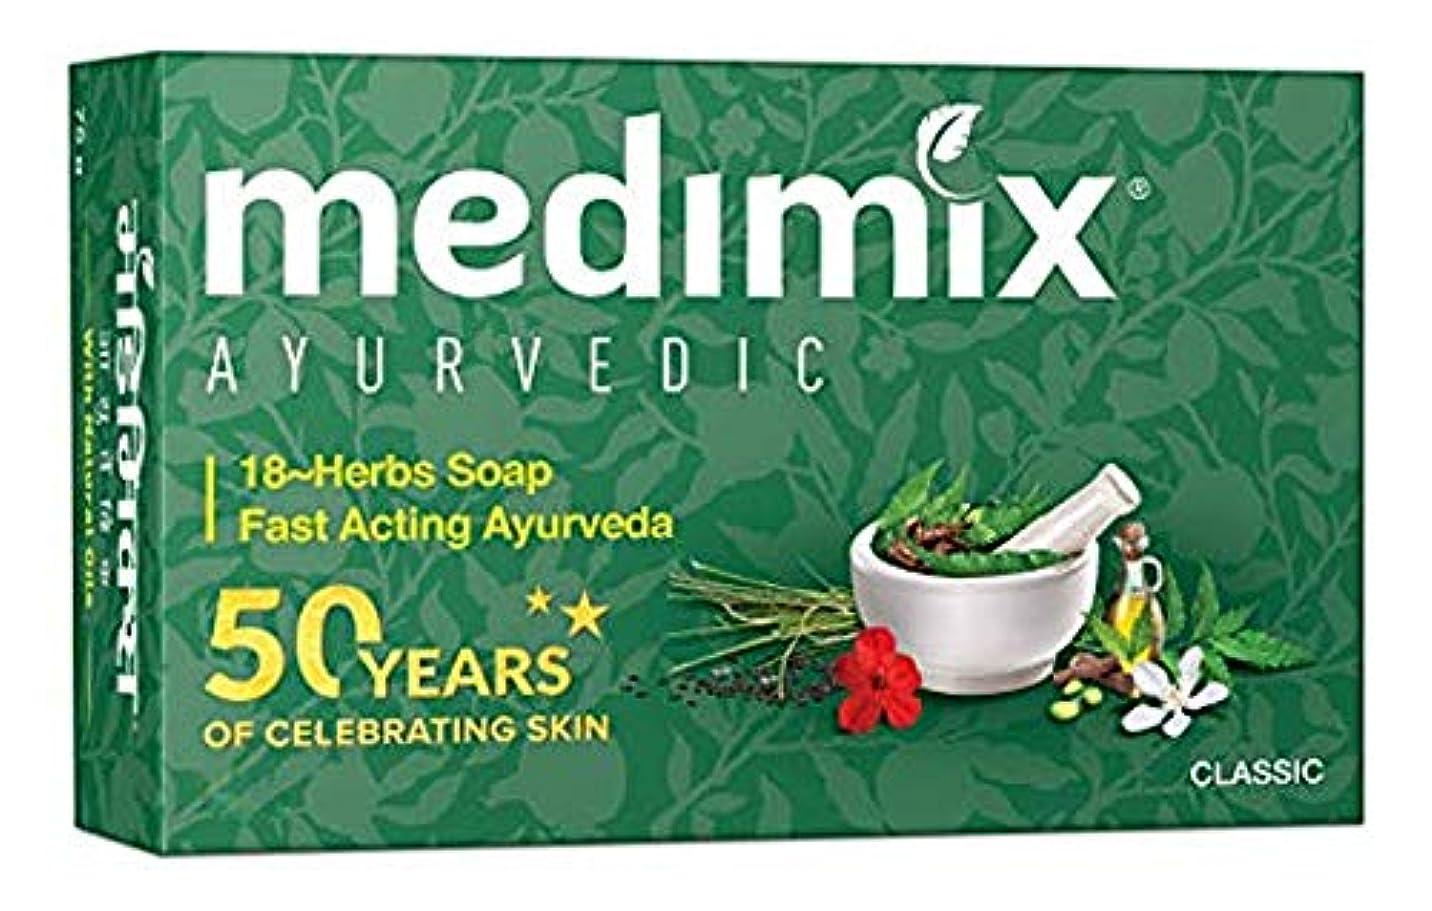 混乱した焼くサラミMEDIMIX メディミックス アーユルヴェーダ石鹸 18ハーブス20個セット(medimix classic 18-HERB AYURVEDA) 125g